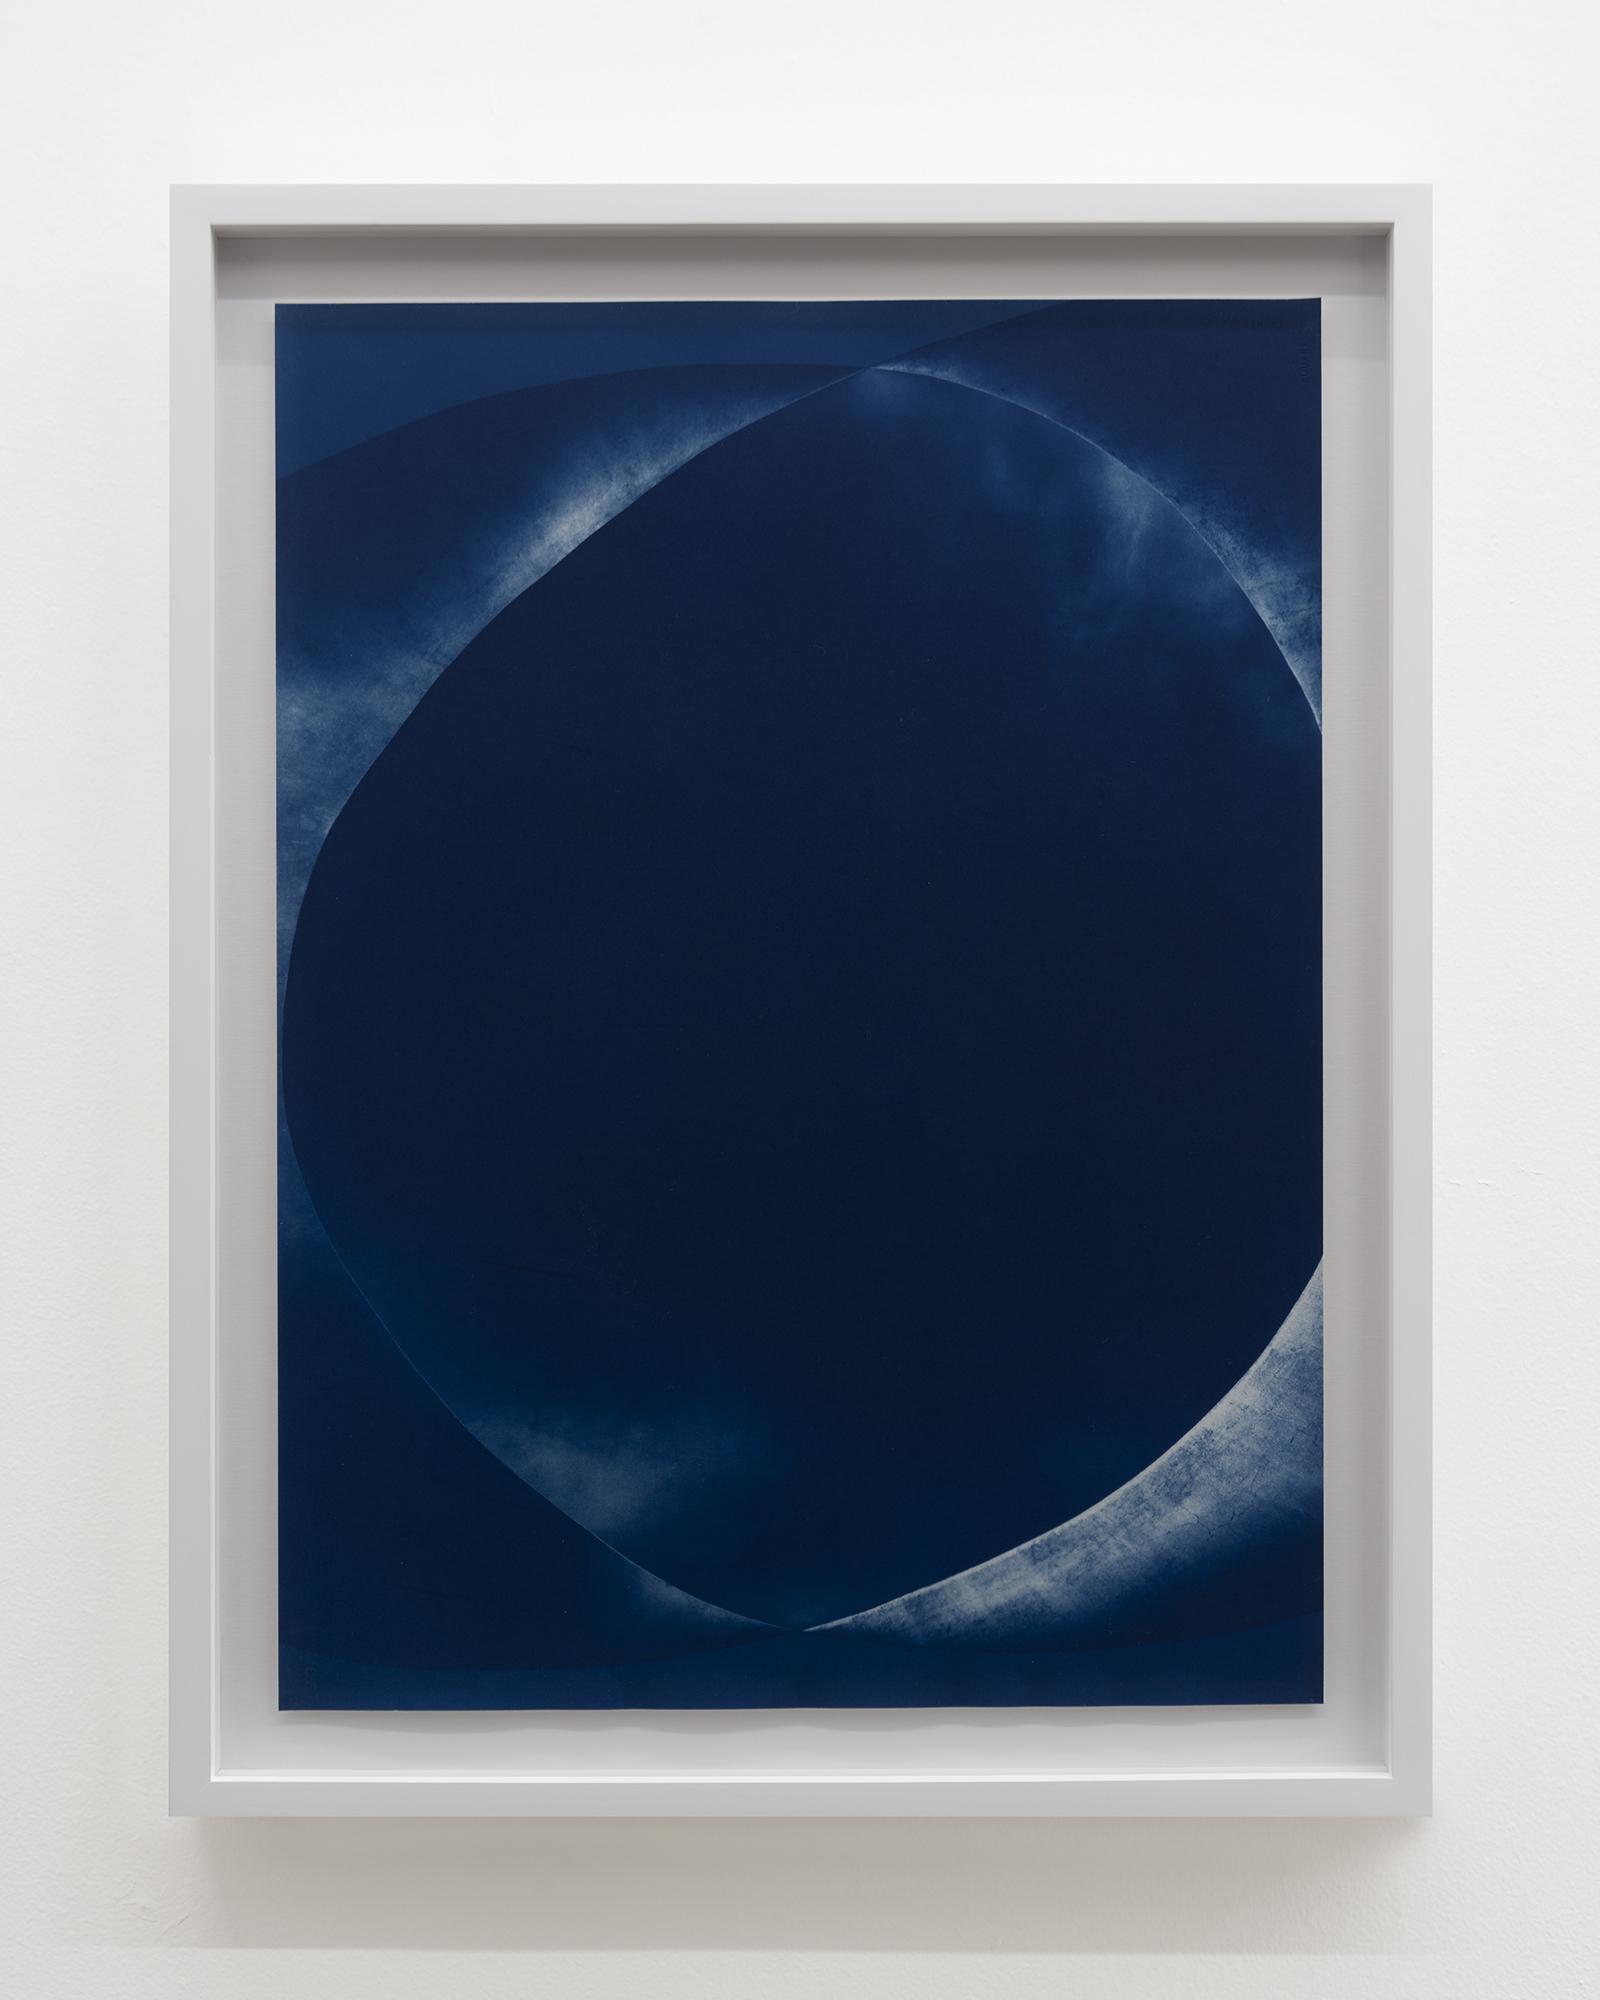 FMPX21_marshall_blue-sun_06